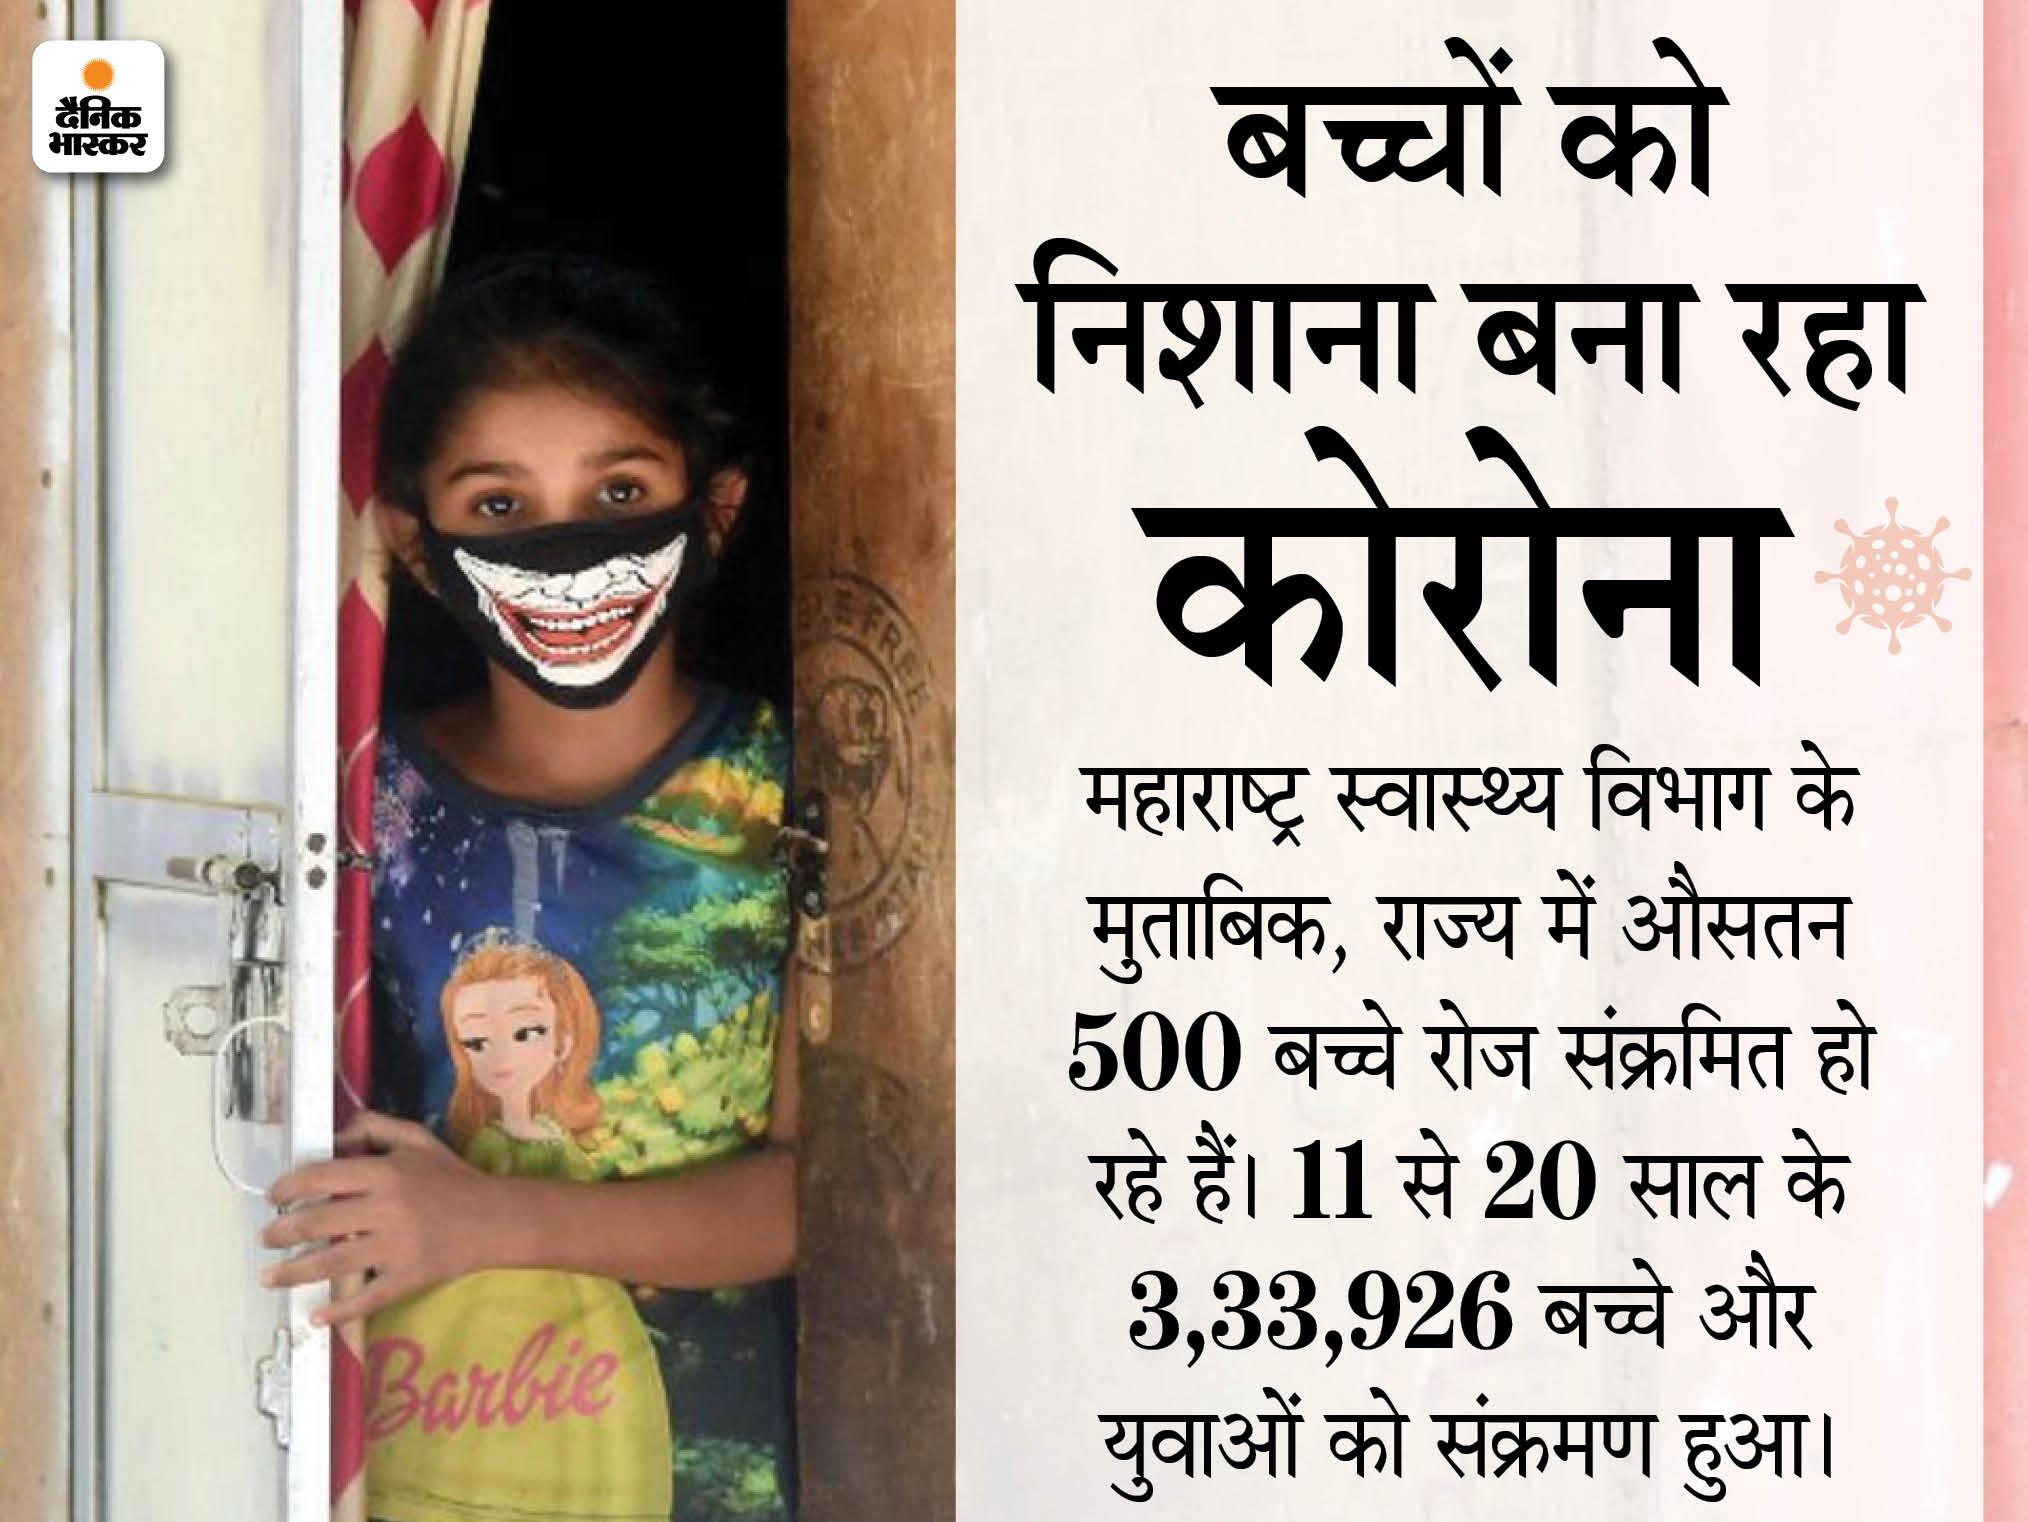 महाराष्ट्र में 1 लाख 47 हजार बच्चे कोरोना पॉजिटिव हुए, सबसे ज्यादा 75 हजार बच्चे सिर्फ 2 महीने में संक्रमित हुए|महाराष्ट्र,Maharashtra - Dainik Bhaskar